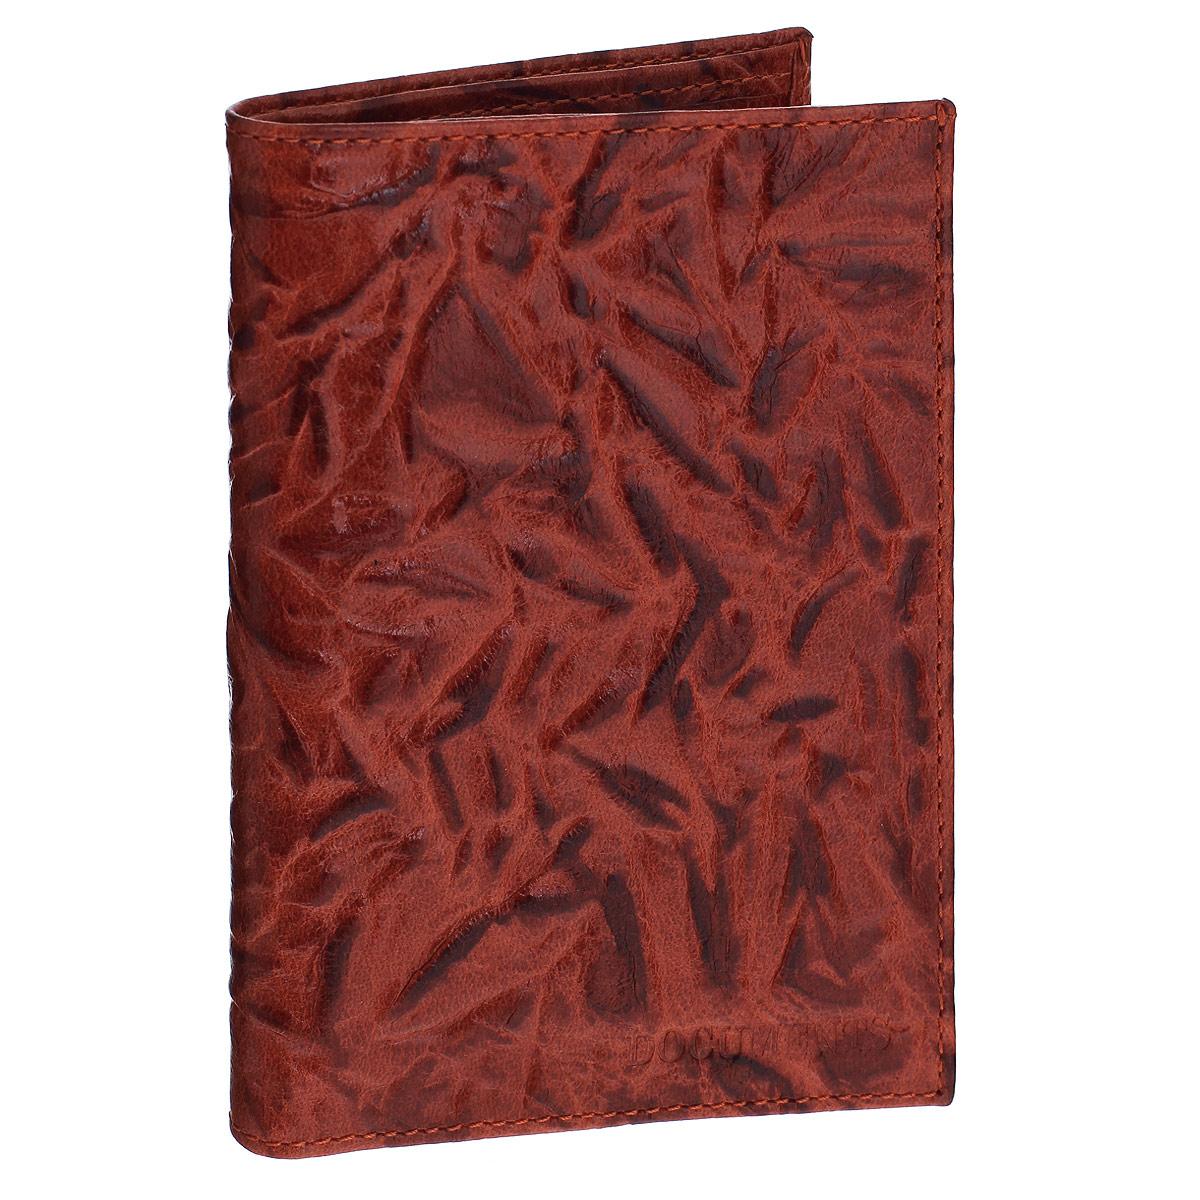 Бумажник водителя Askent Donna, цвет: коричнево-красный. BV.26.DNBV.26.DN. красныйБумажник водителя Askent Donna выполнен из натуральной кожи с декоративным рельефным тиснением. Имеет внутри два кармана из кожи, отделение для купюр, семь прорезных карманов для кредитных карт и внутренний блок из прозрачного пластика (6 карманов). Такой бумажник станет отличным подарком для человека, ценящего качественные и необычные вещи.